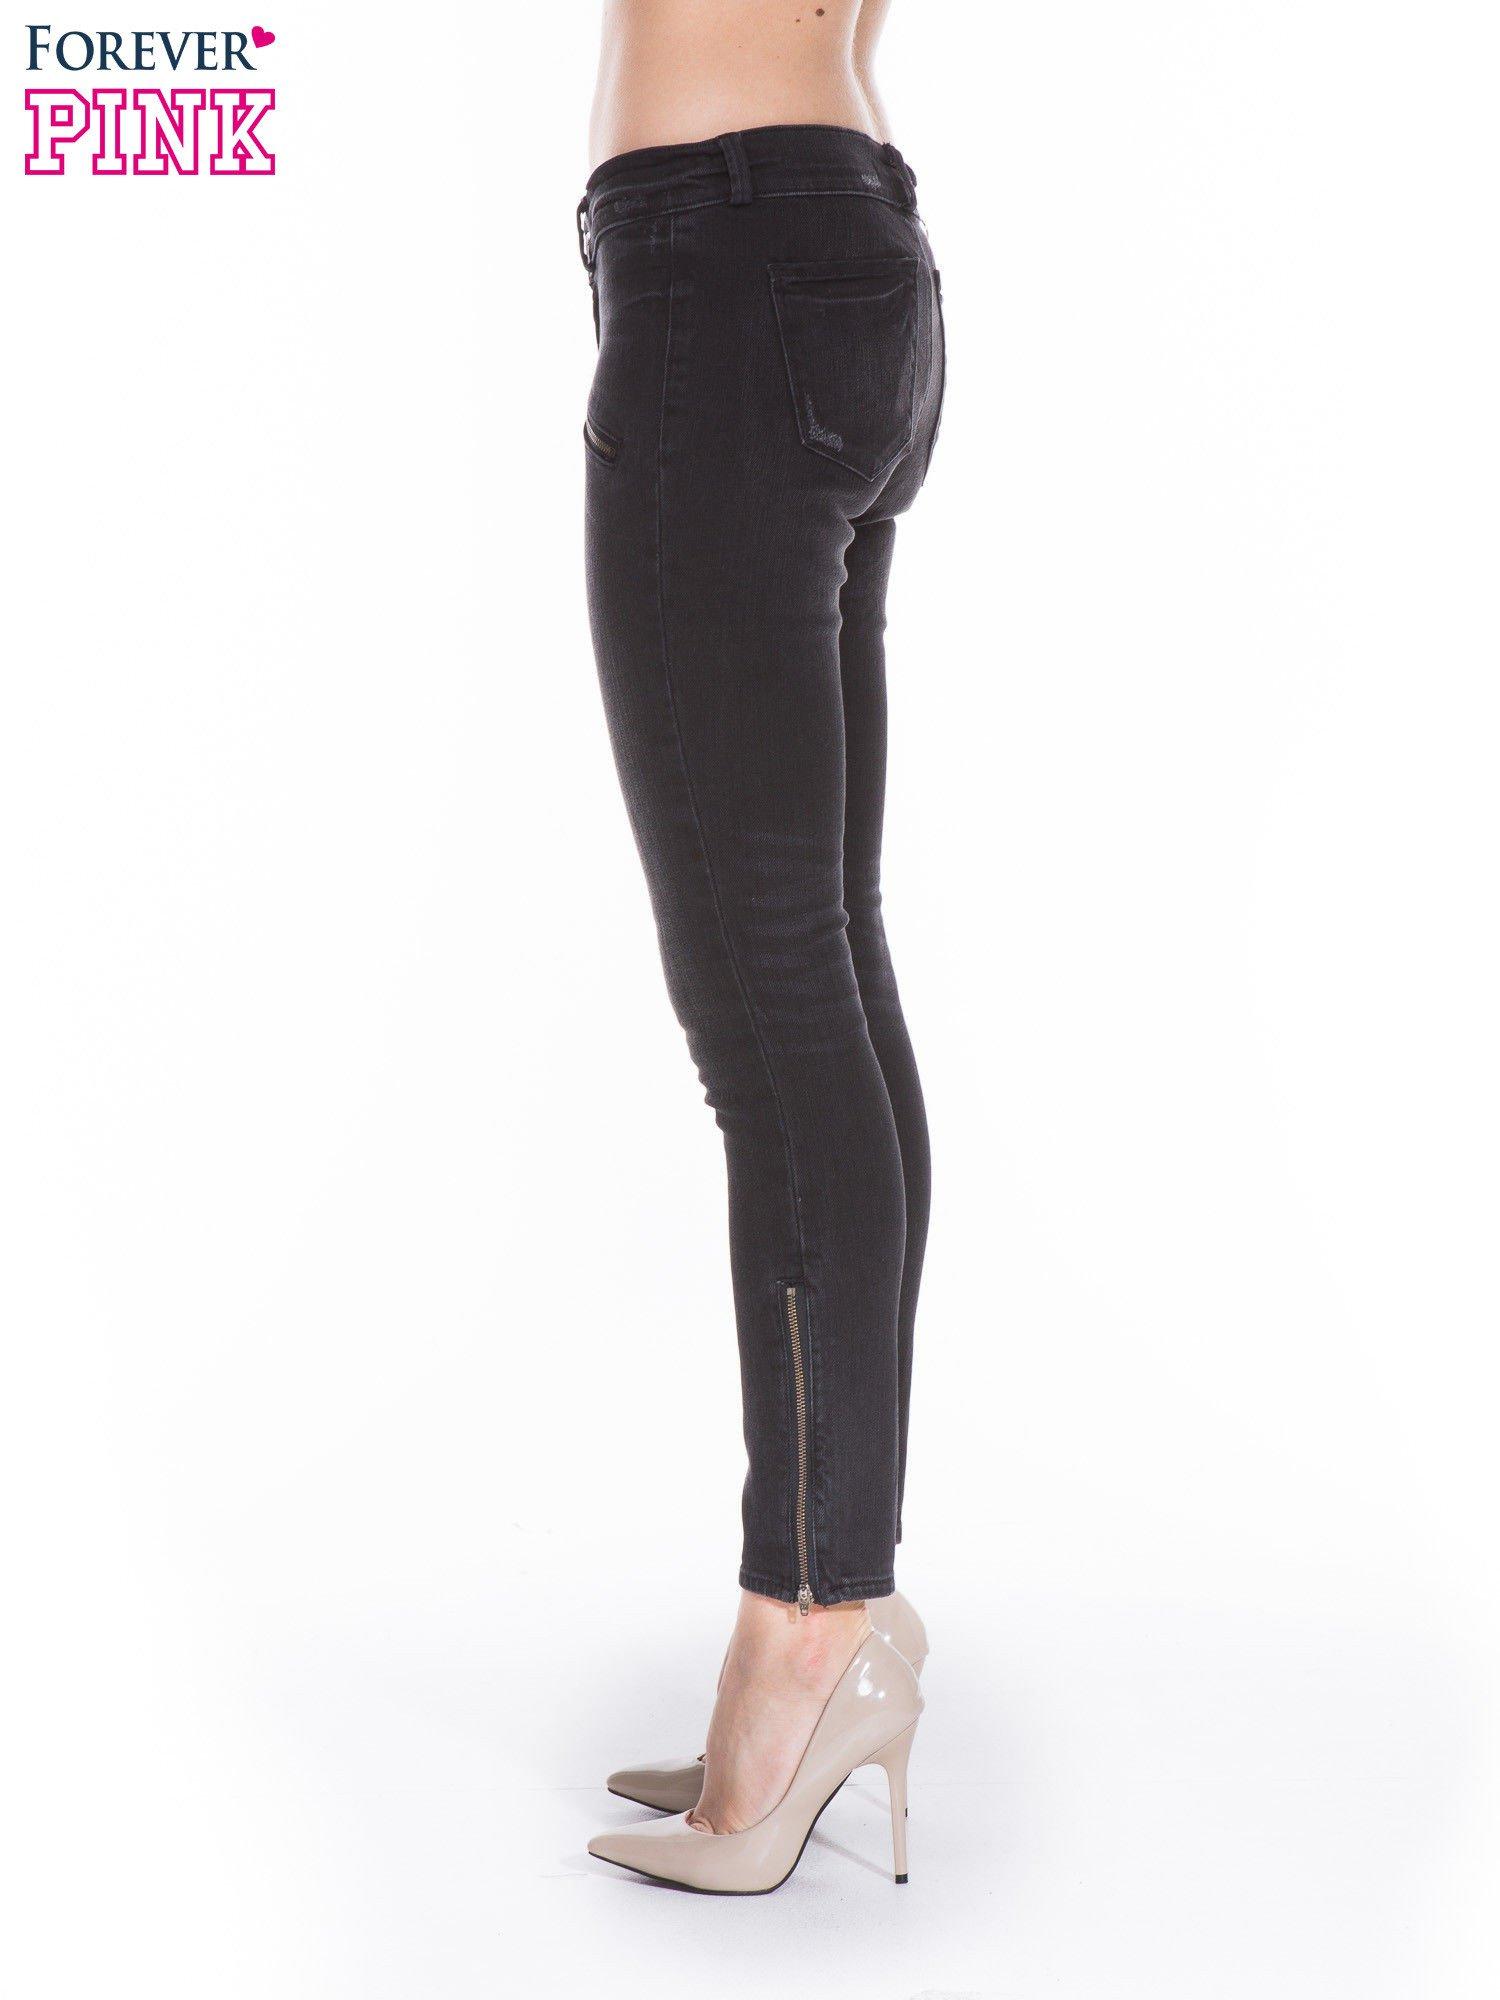 Ciemnoszare spodnie jeansowe typu skinny z suwakami na górze i przy nogawkach                                  zdj.                                  3